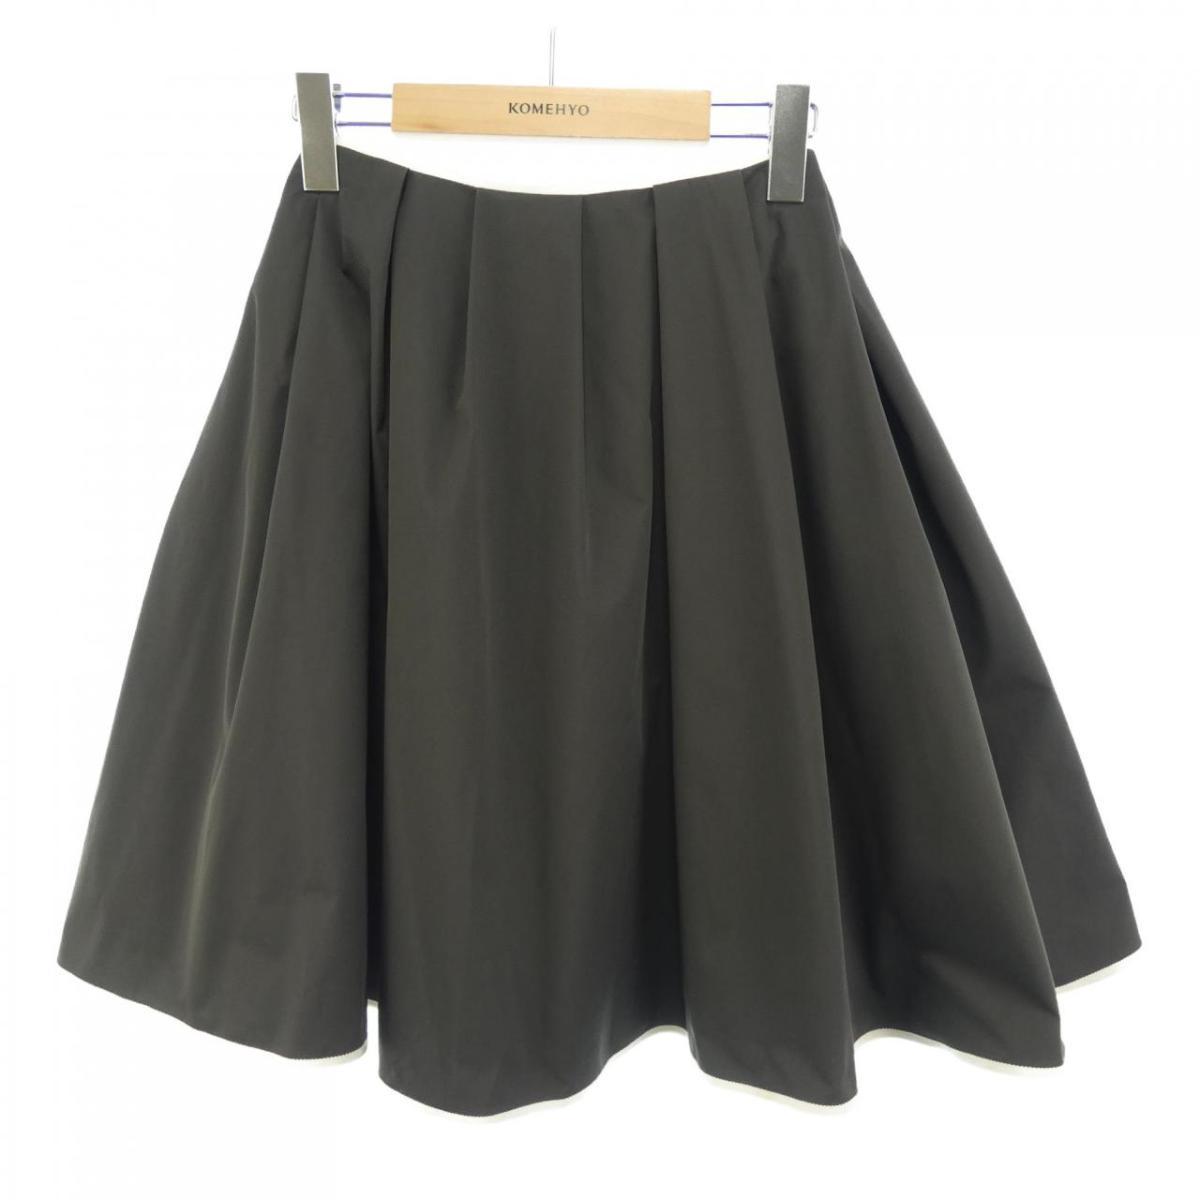 デイジーリン DAISY LIN スカート【中古】